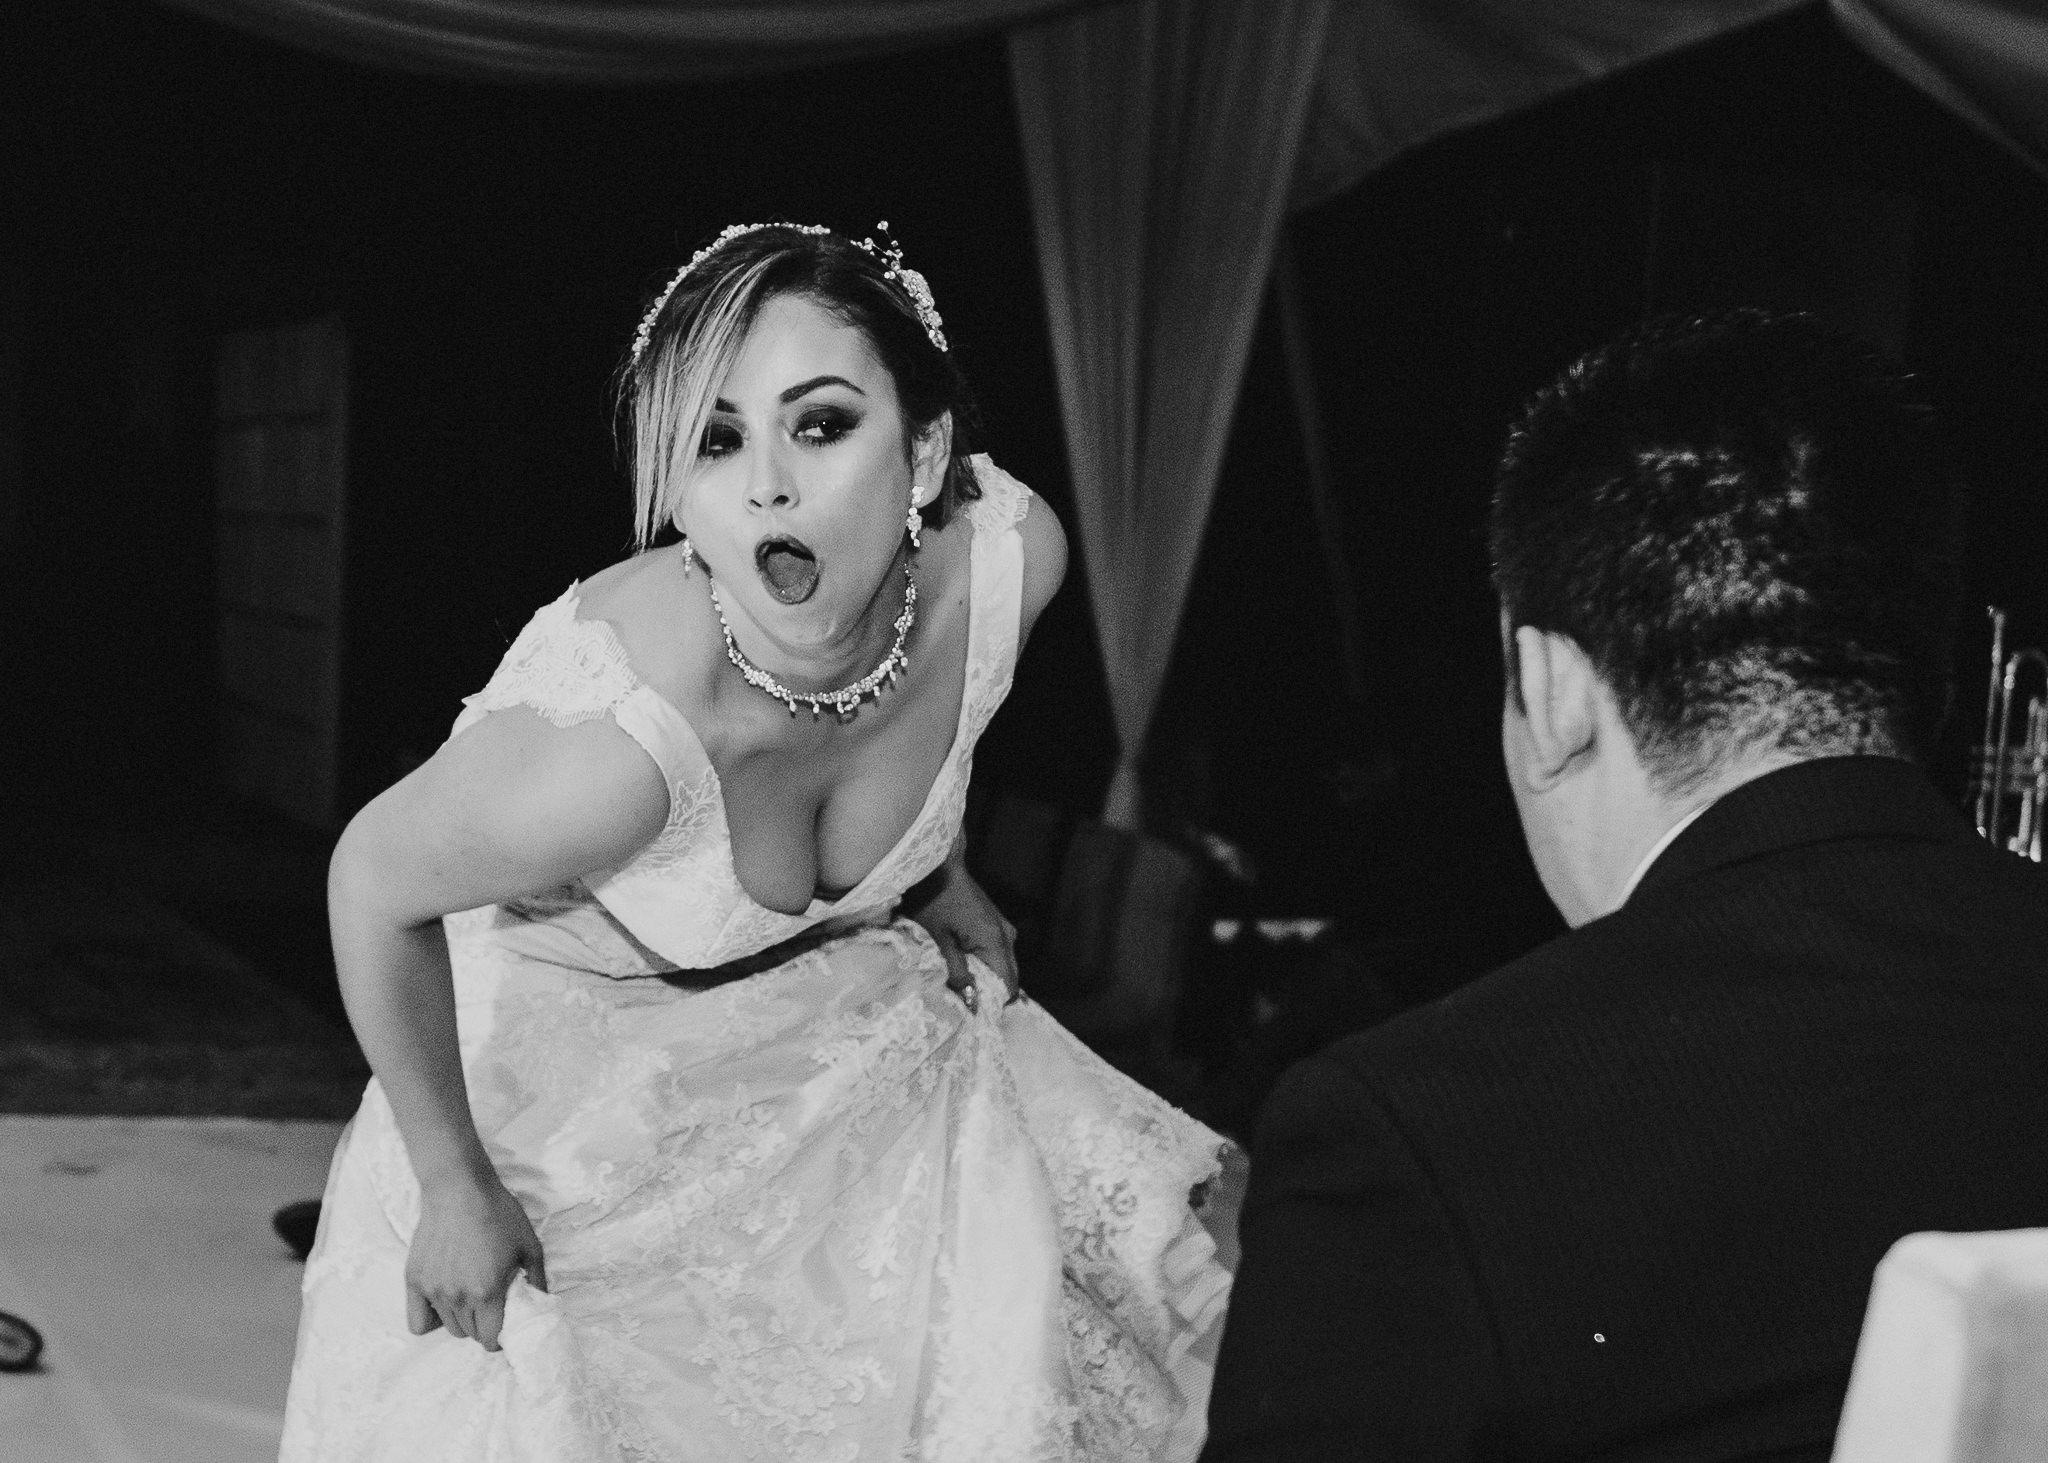 03boda-en-jardin-wedding-hacienda-los-cuartos-fotografo-luis-houdin112